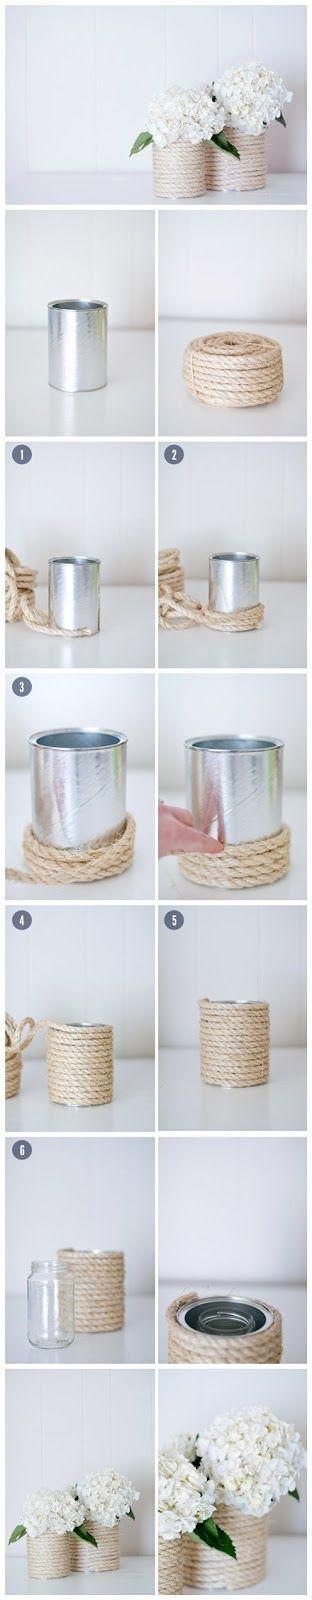 #DIY tutorial preciosos maceteros #manualidades